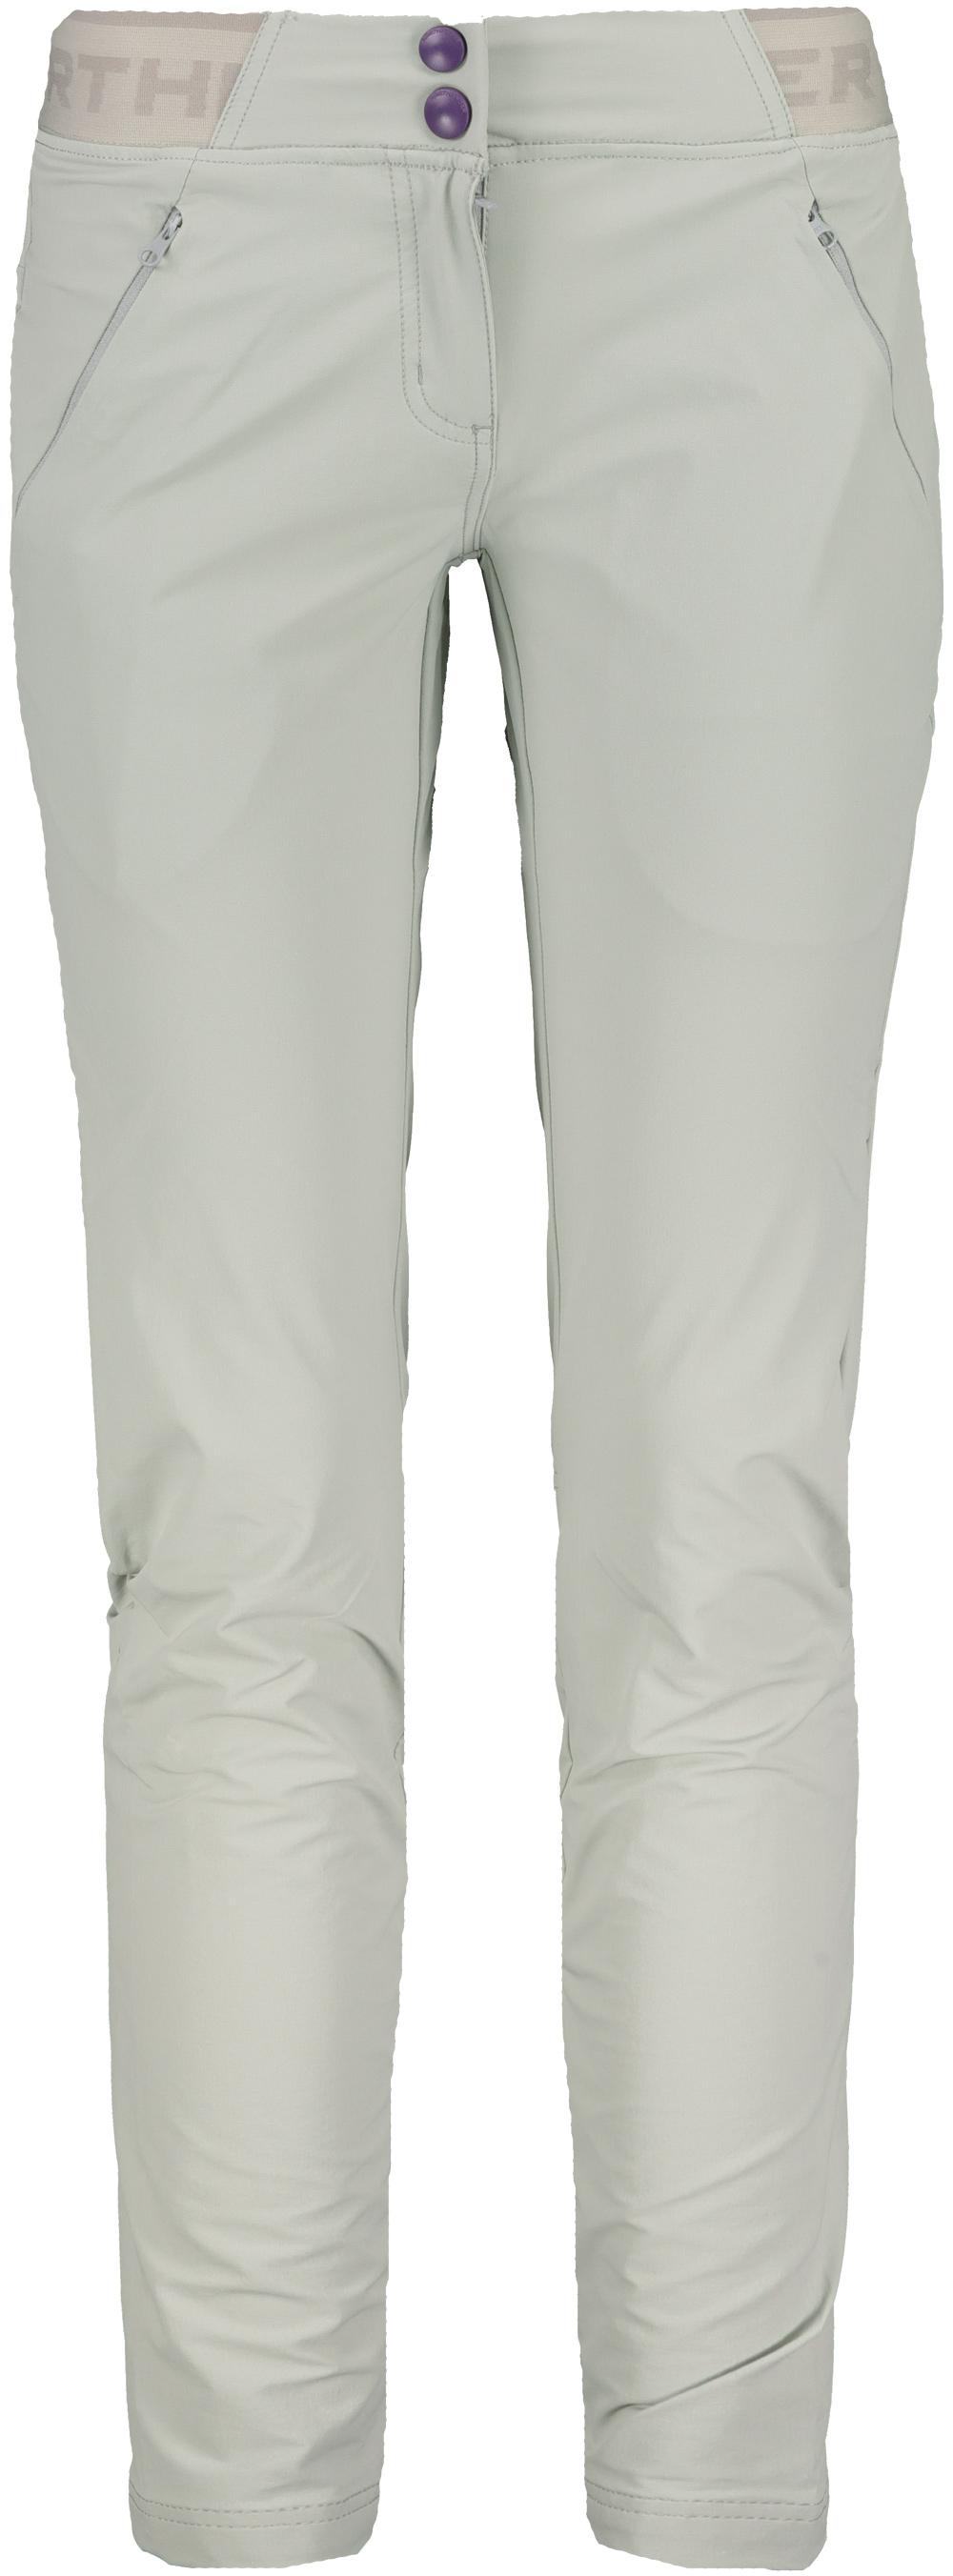 bc6f10a013c1 Dámské kalhoty NORTHFINDER JIMENA